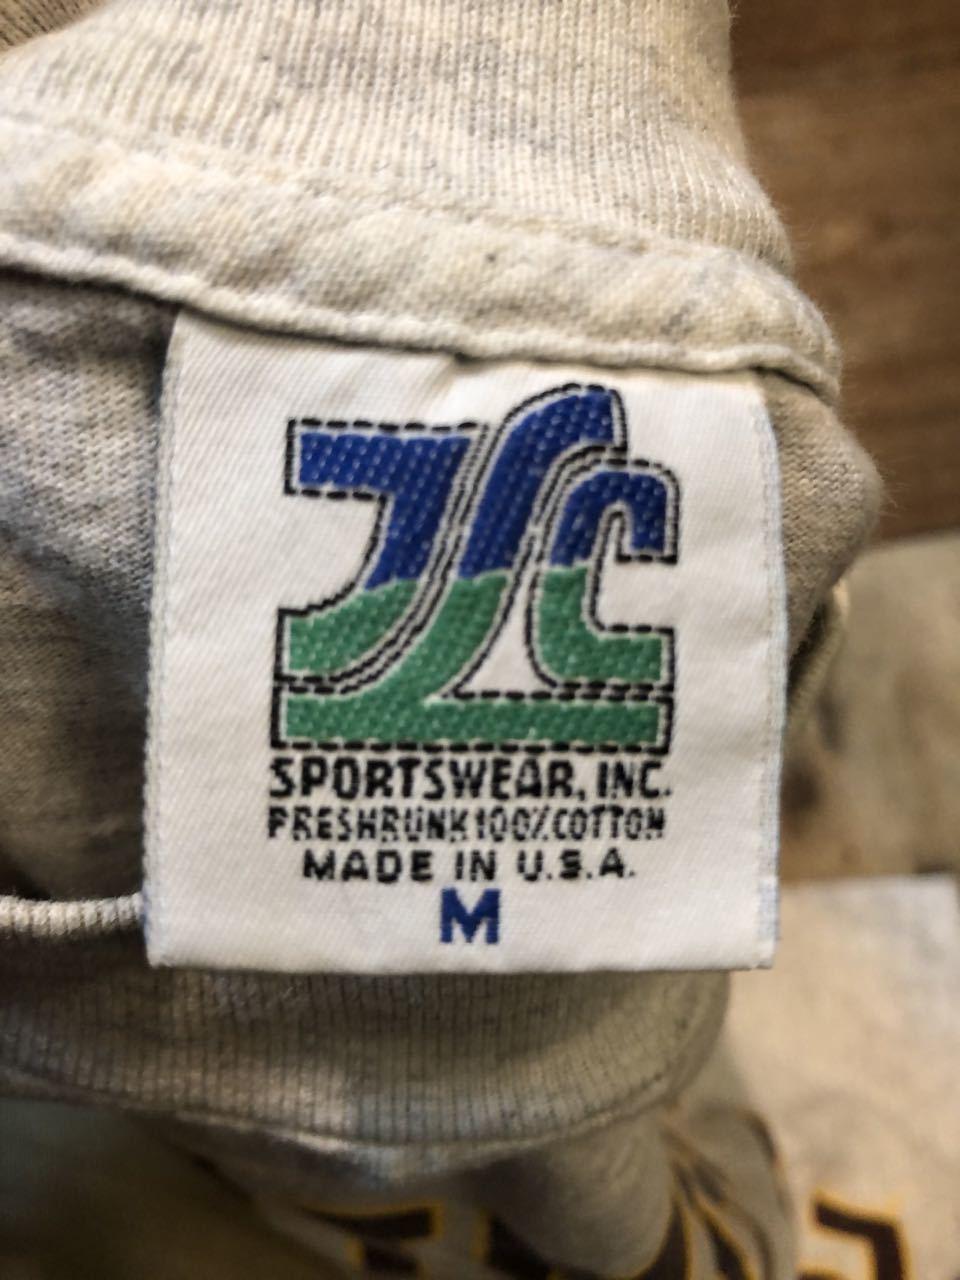 7月11日(土)入荷!90s MADE IN U.S.A sports wear co ARIZONA STATE カレッジTシャツ!_c0144020_13332326.jpg